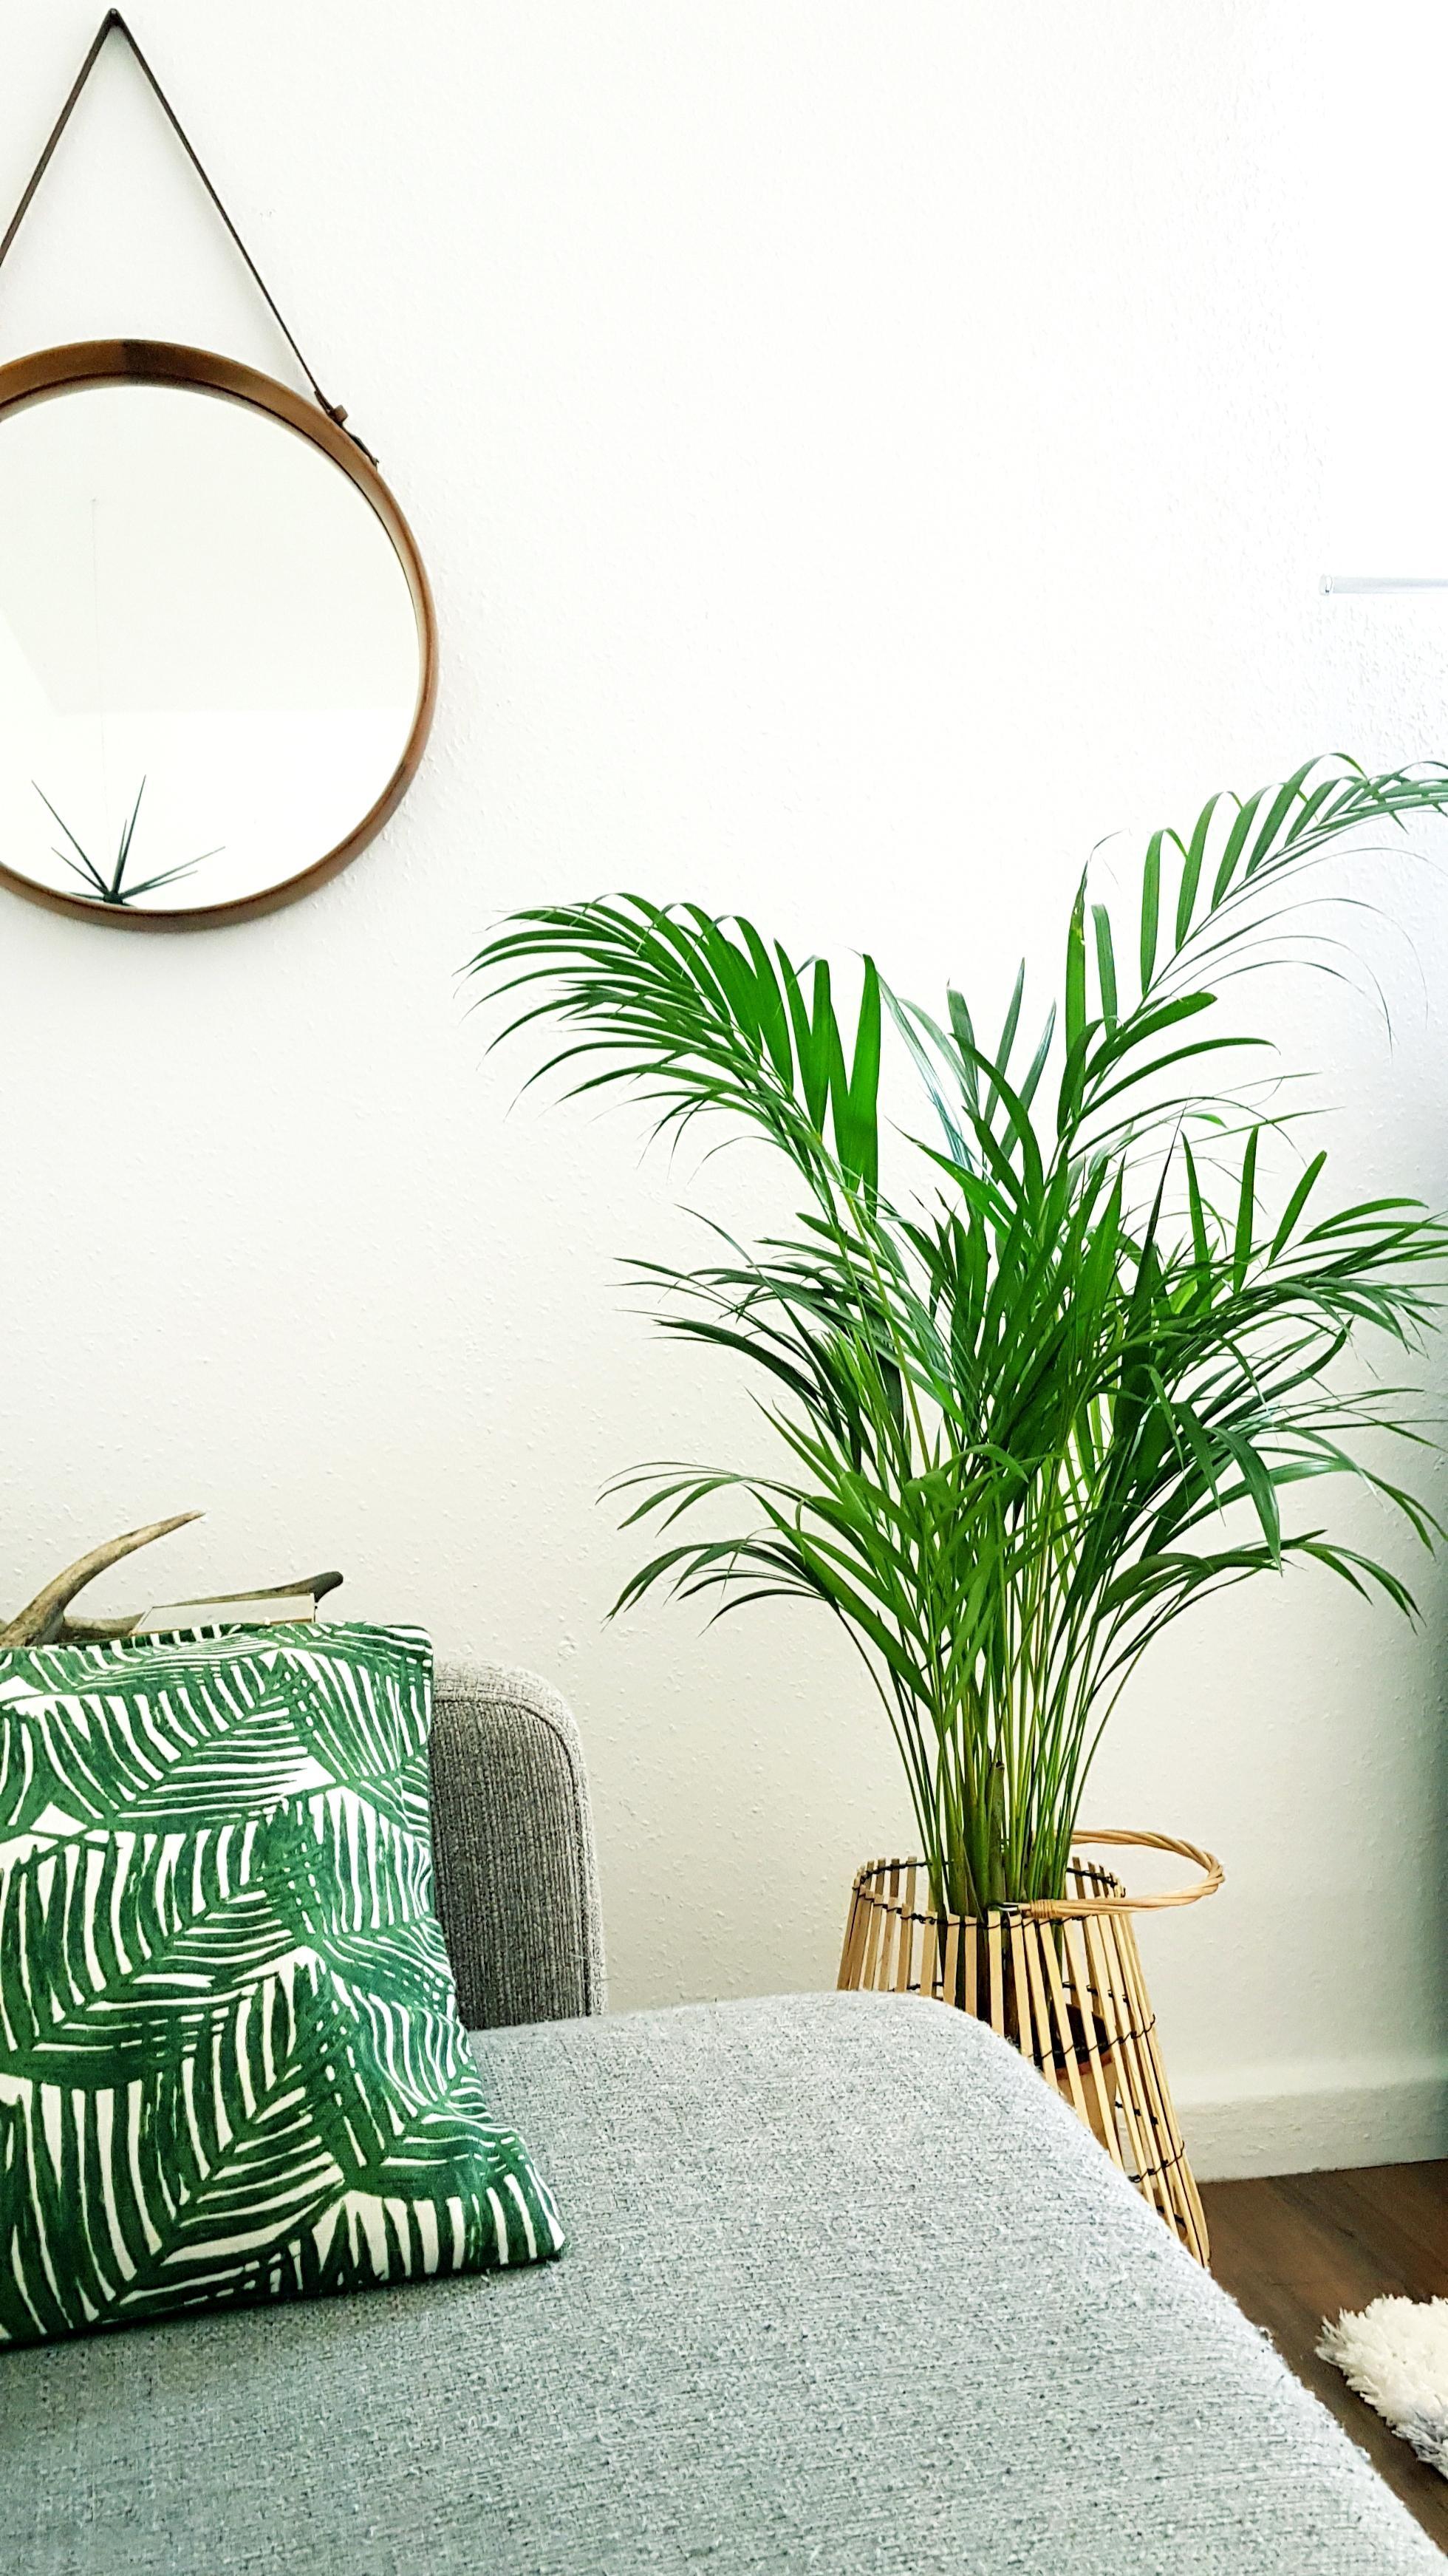 Leere Ecke ausgefüllt #pflanzen#palme#wohnzimmer • C